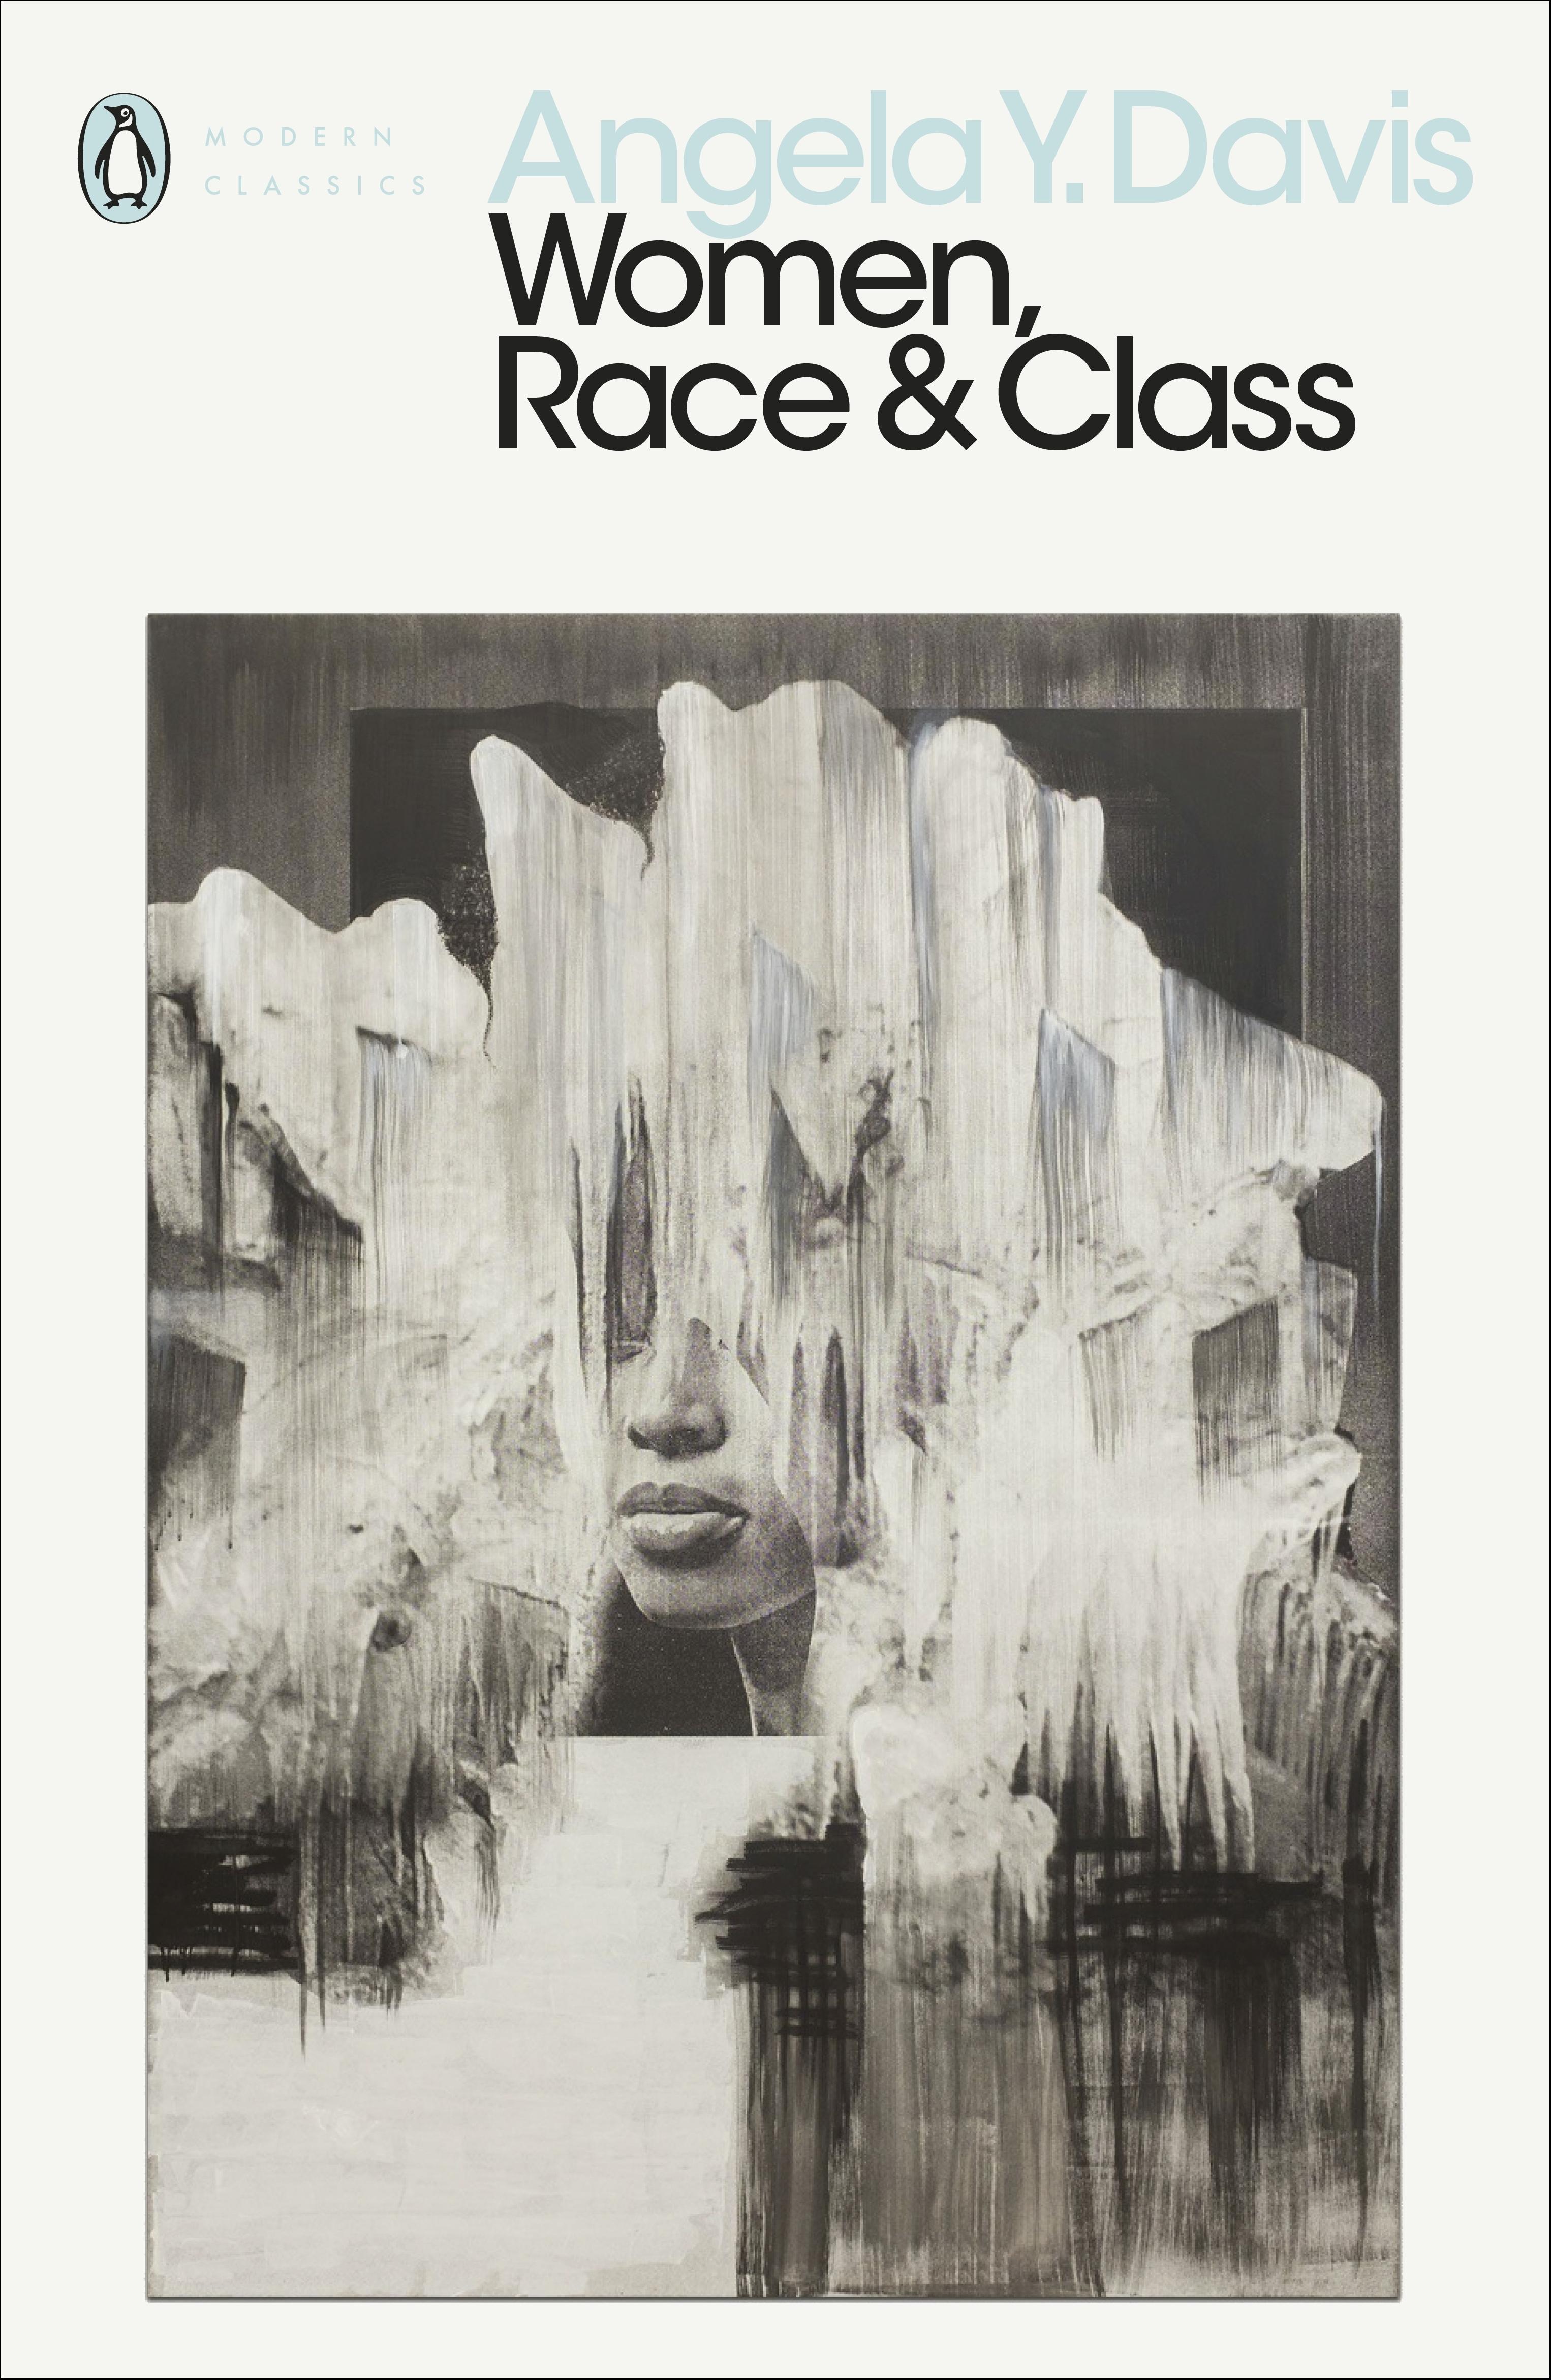 Women, Race & Class by Angela Y. Davis - Penguin Books Australia